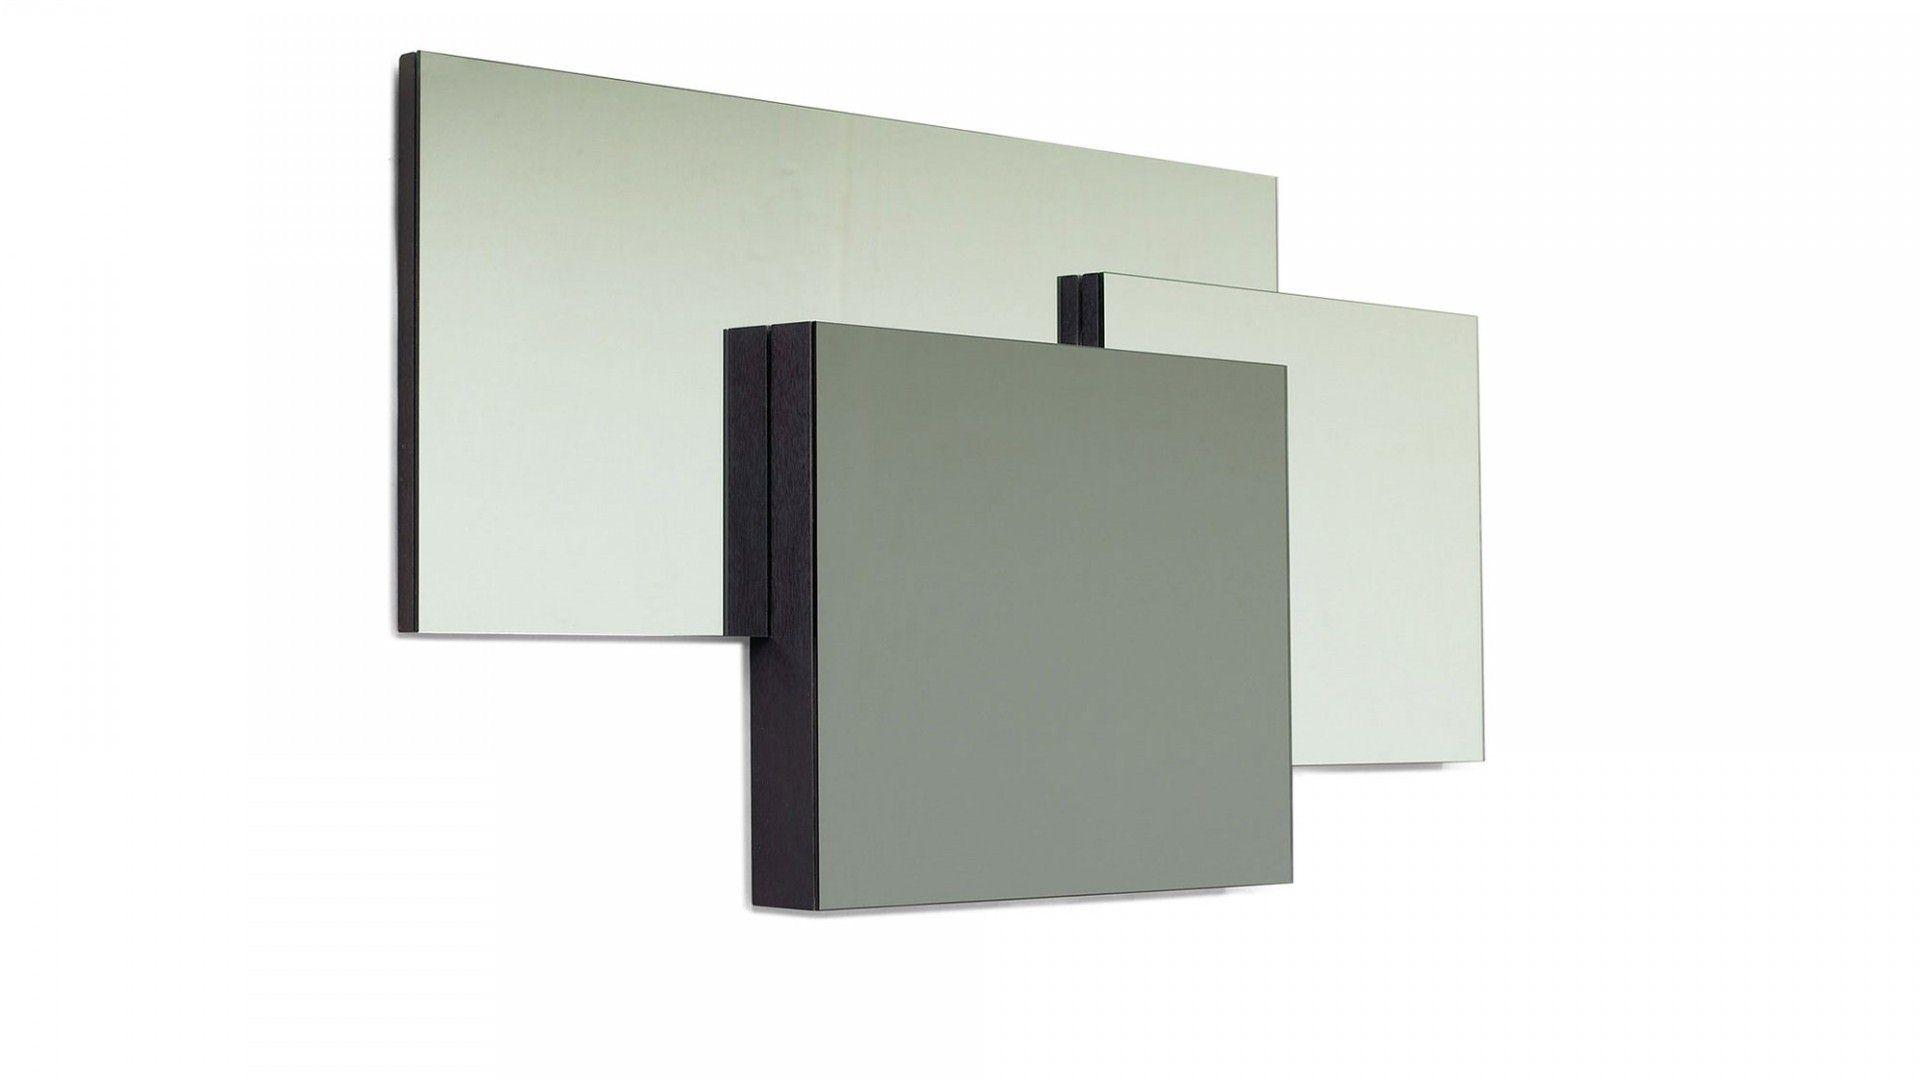 y003vg0-blocks-specchio-fum---2-1920x1080